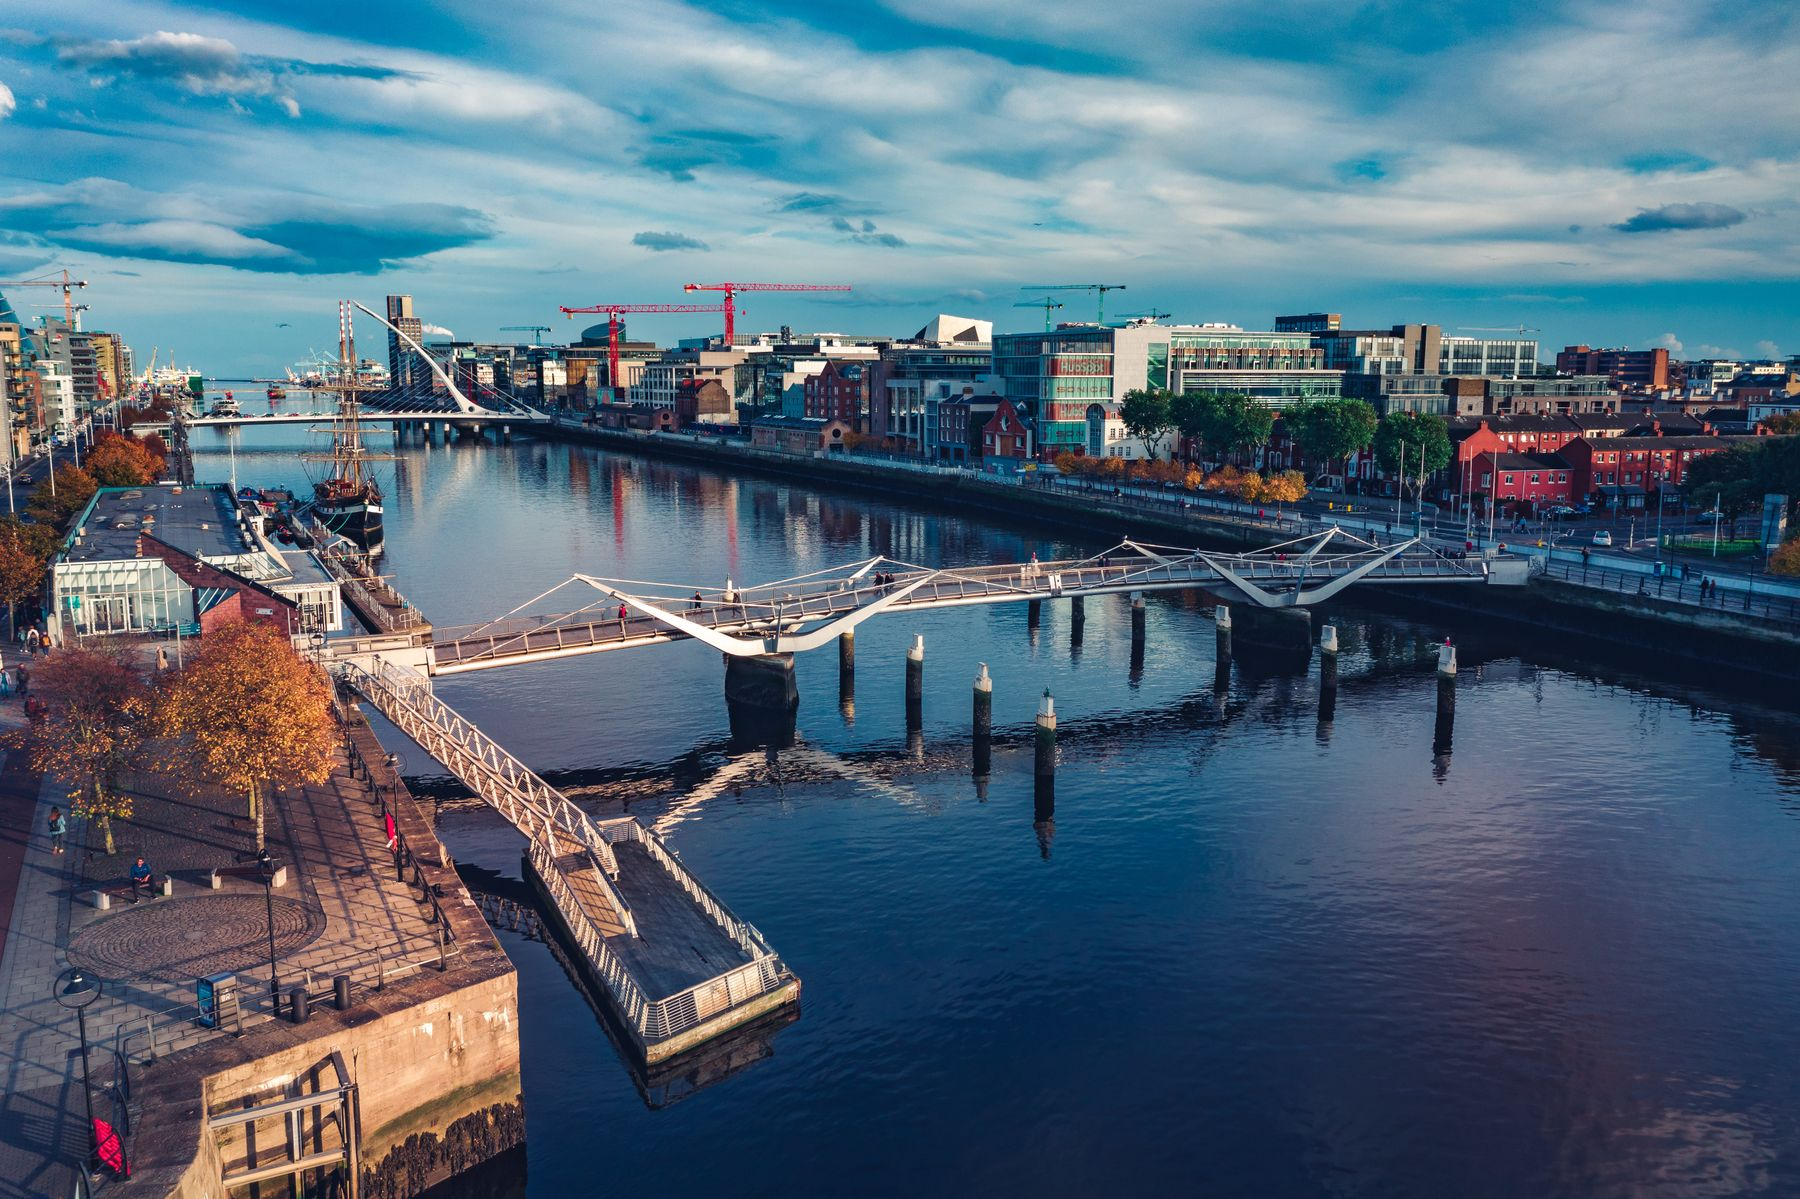 Reisen ein Jahr im Voraus planen: 3-Generationen-Urlaub im Hausboot durch Irland